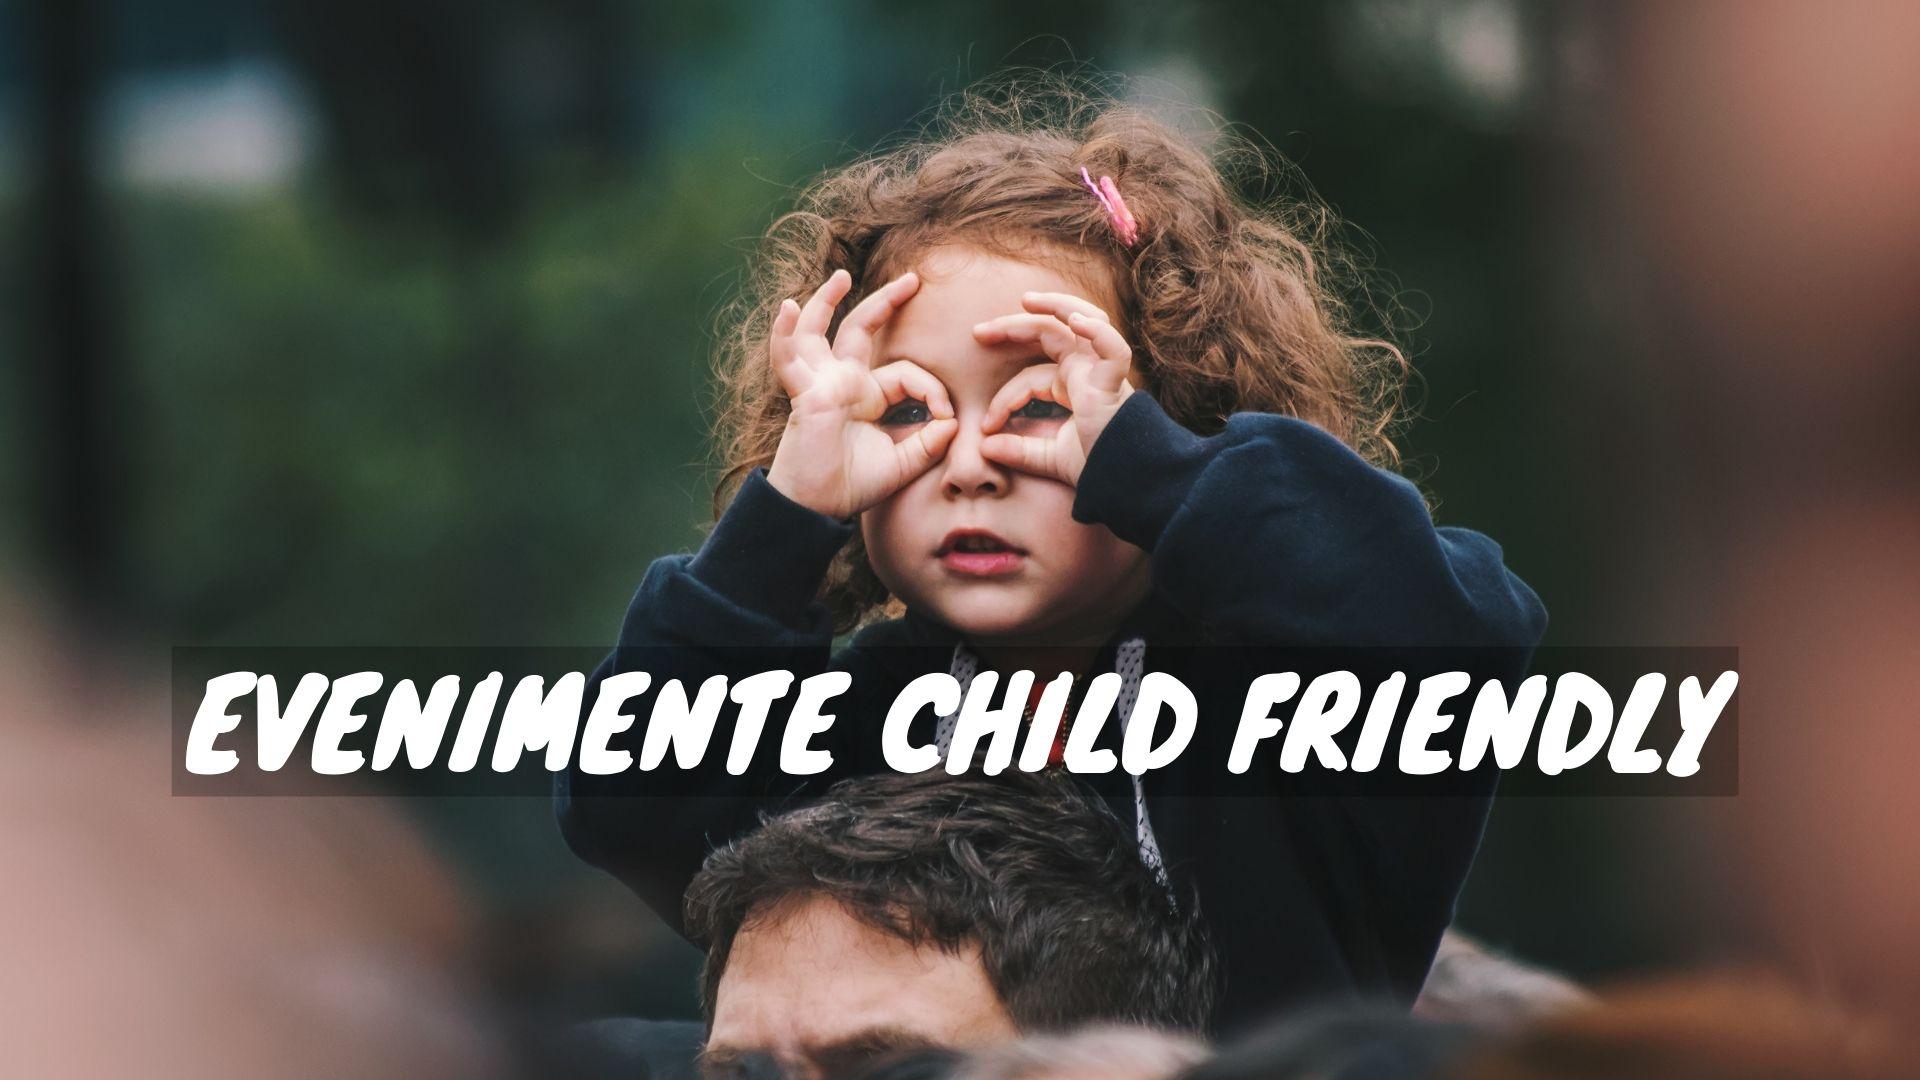 7 evenimente child friendly în perioada următoare la Cluj